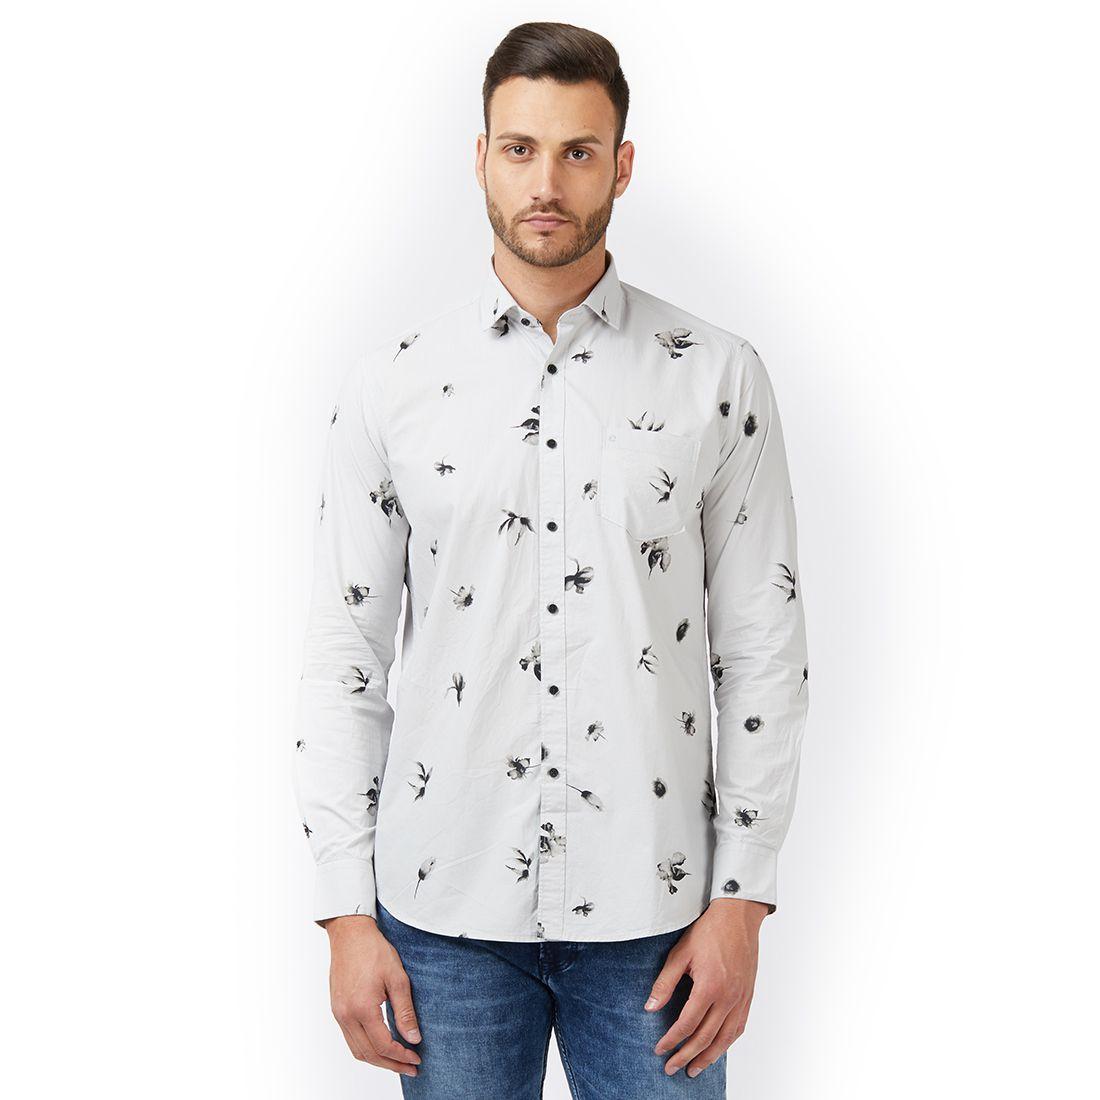 EASIES by KILLER Grey Slim Fit Shirt